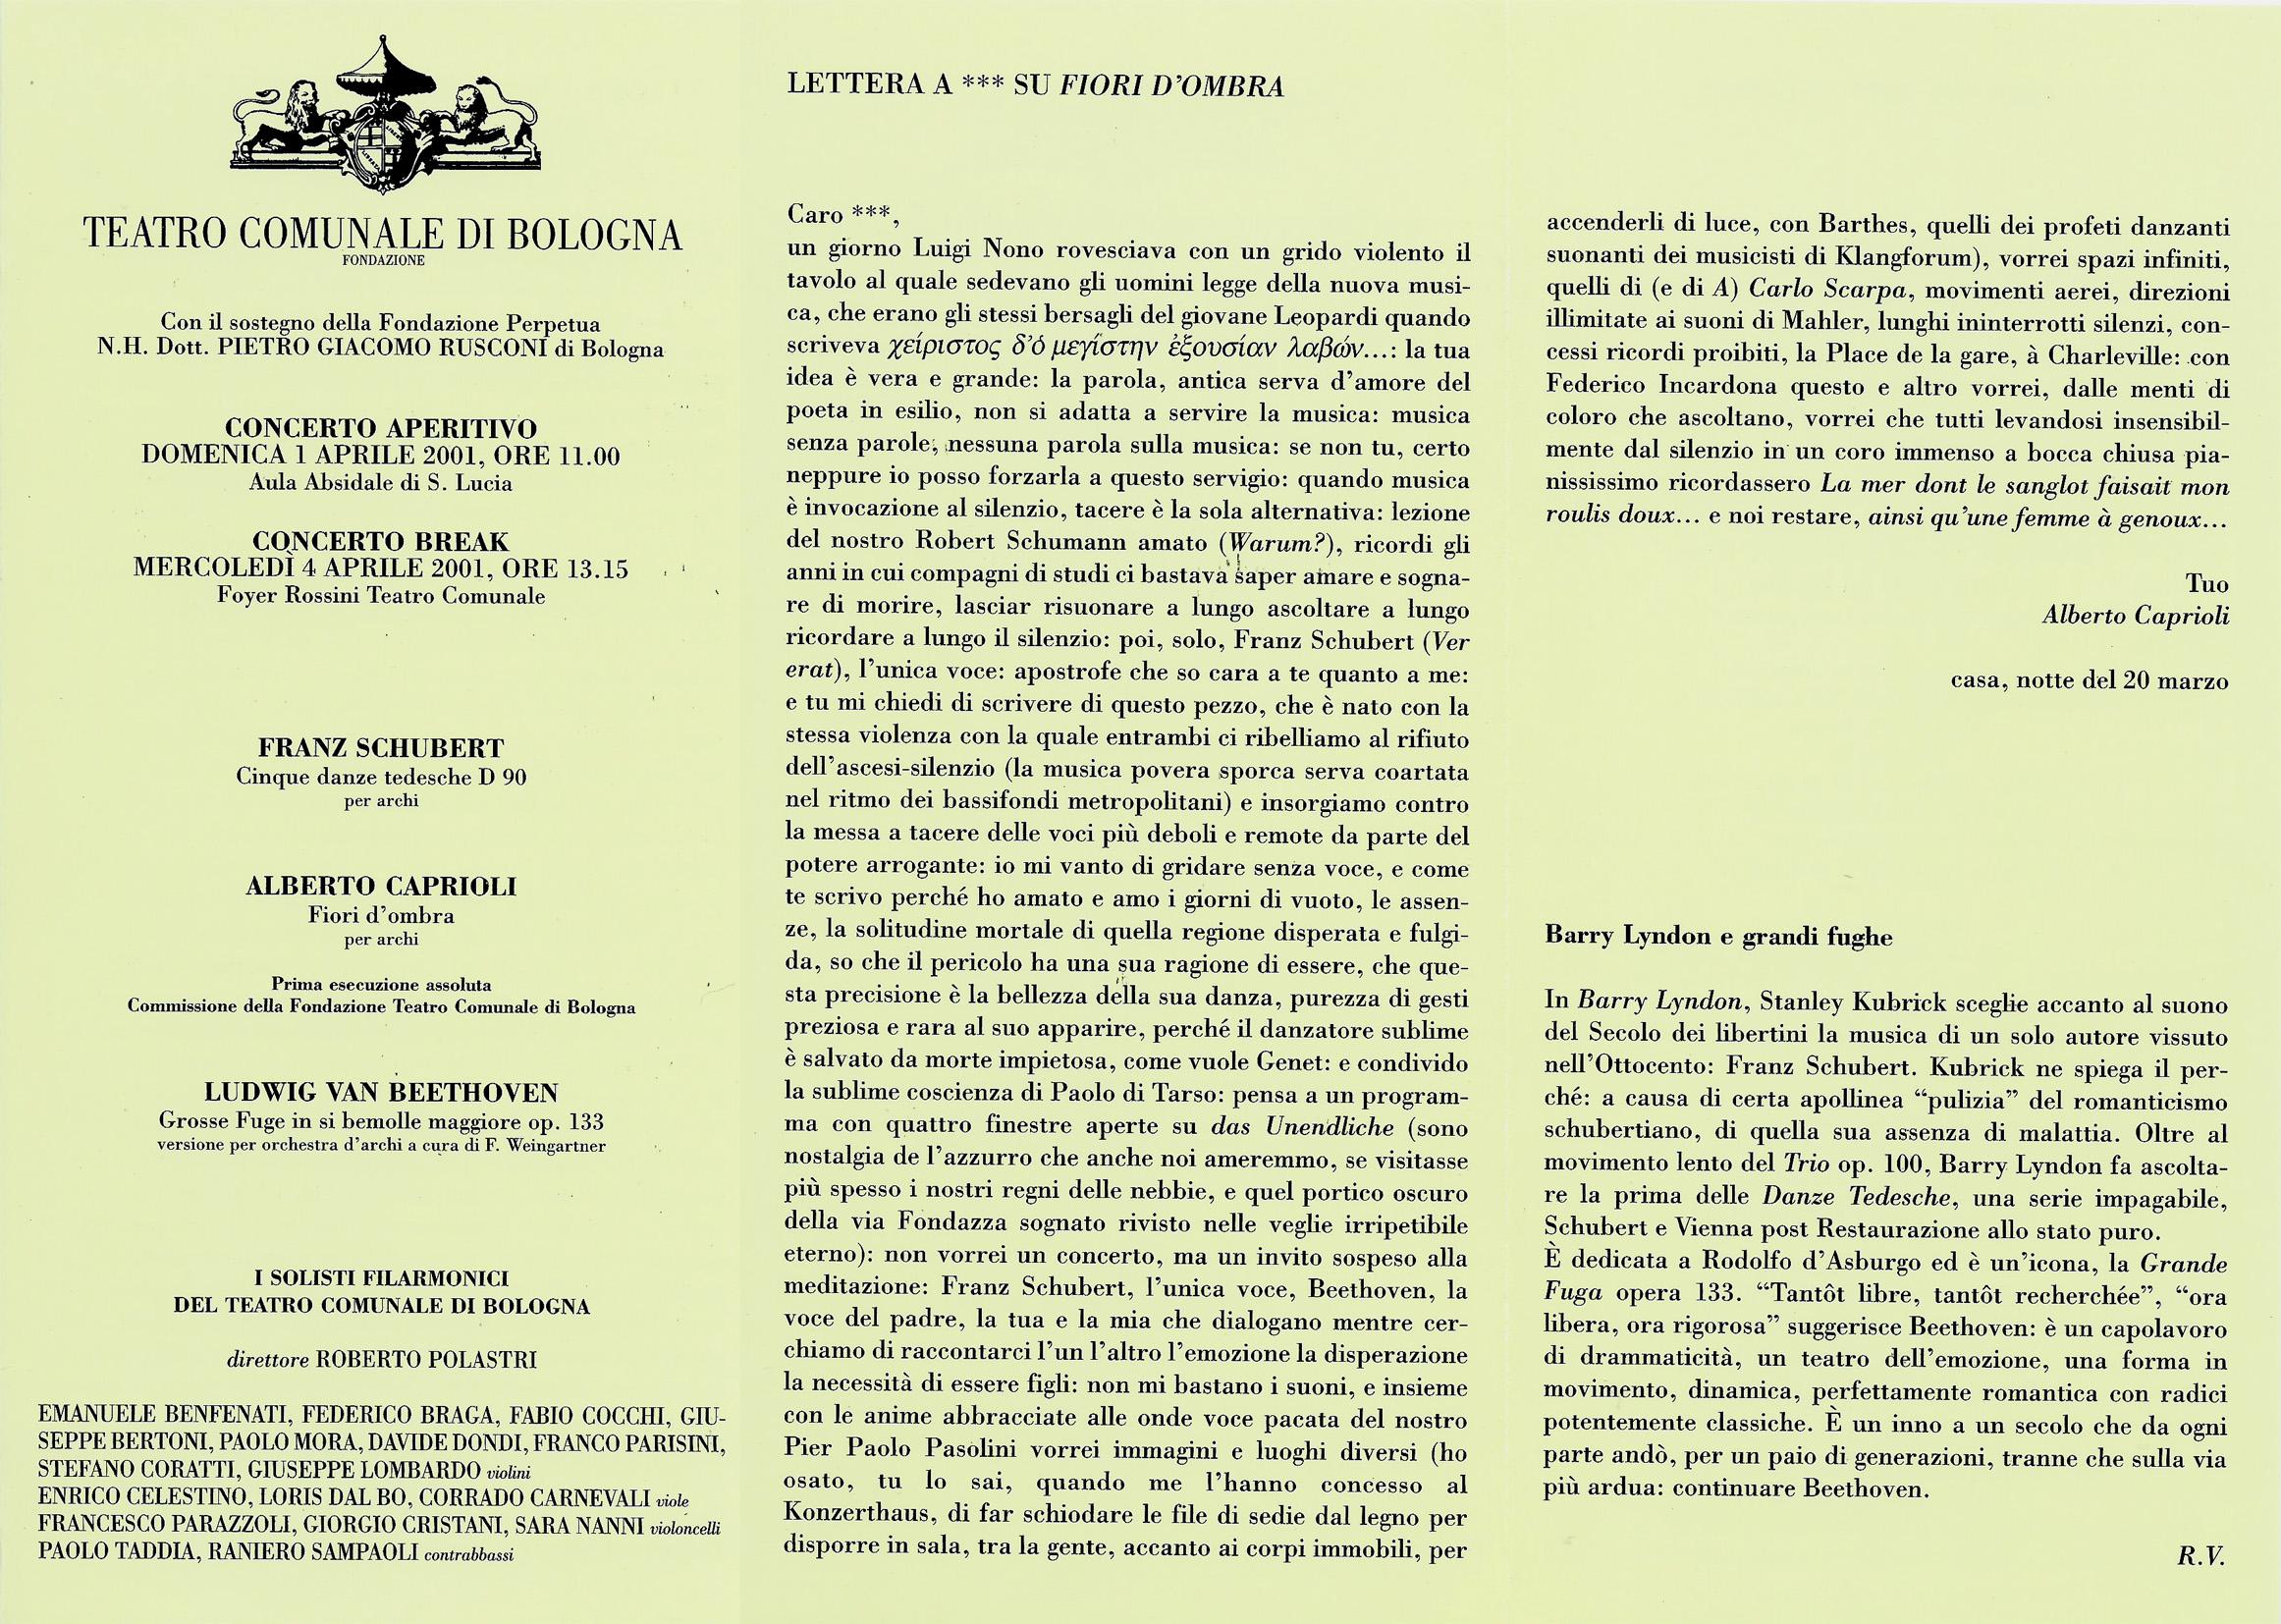 BOLOGNA, TEATRO COMUNALE, 1.4.2001, PRIMA ESECUZ. DI ALBERTO CAPRIOLI, FIORI D'OMBRA